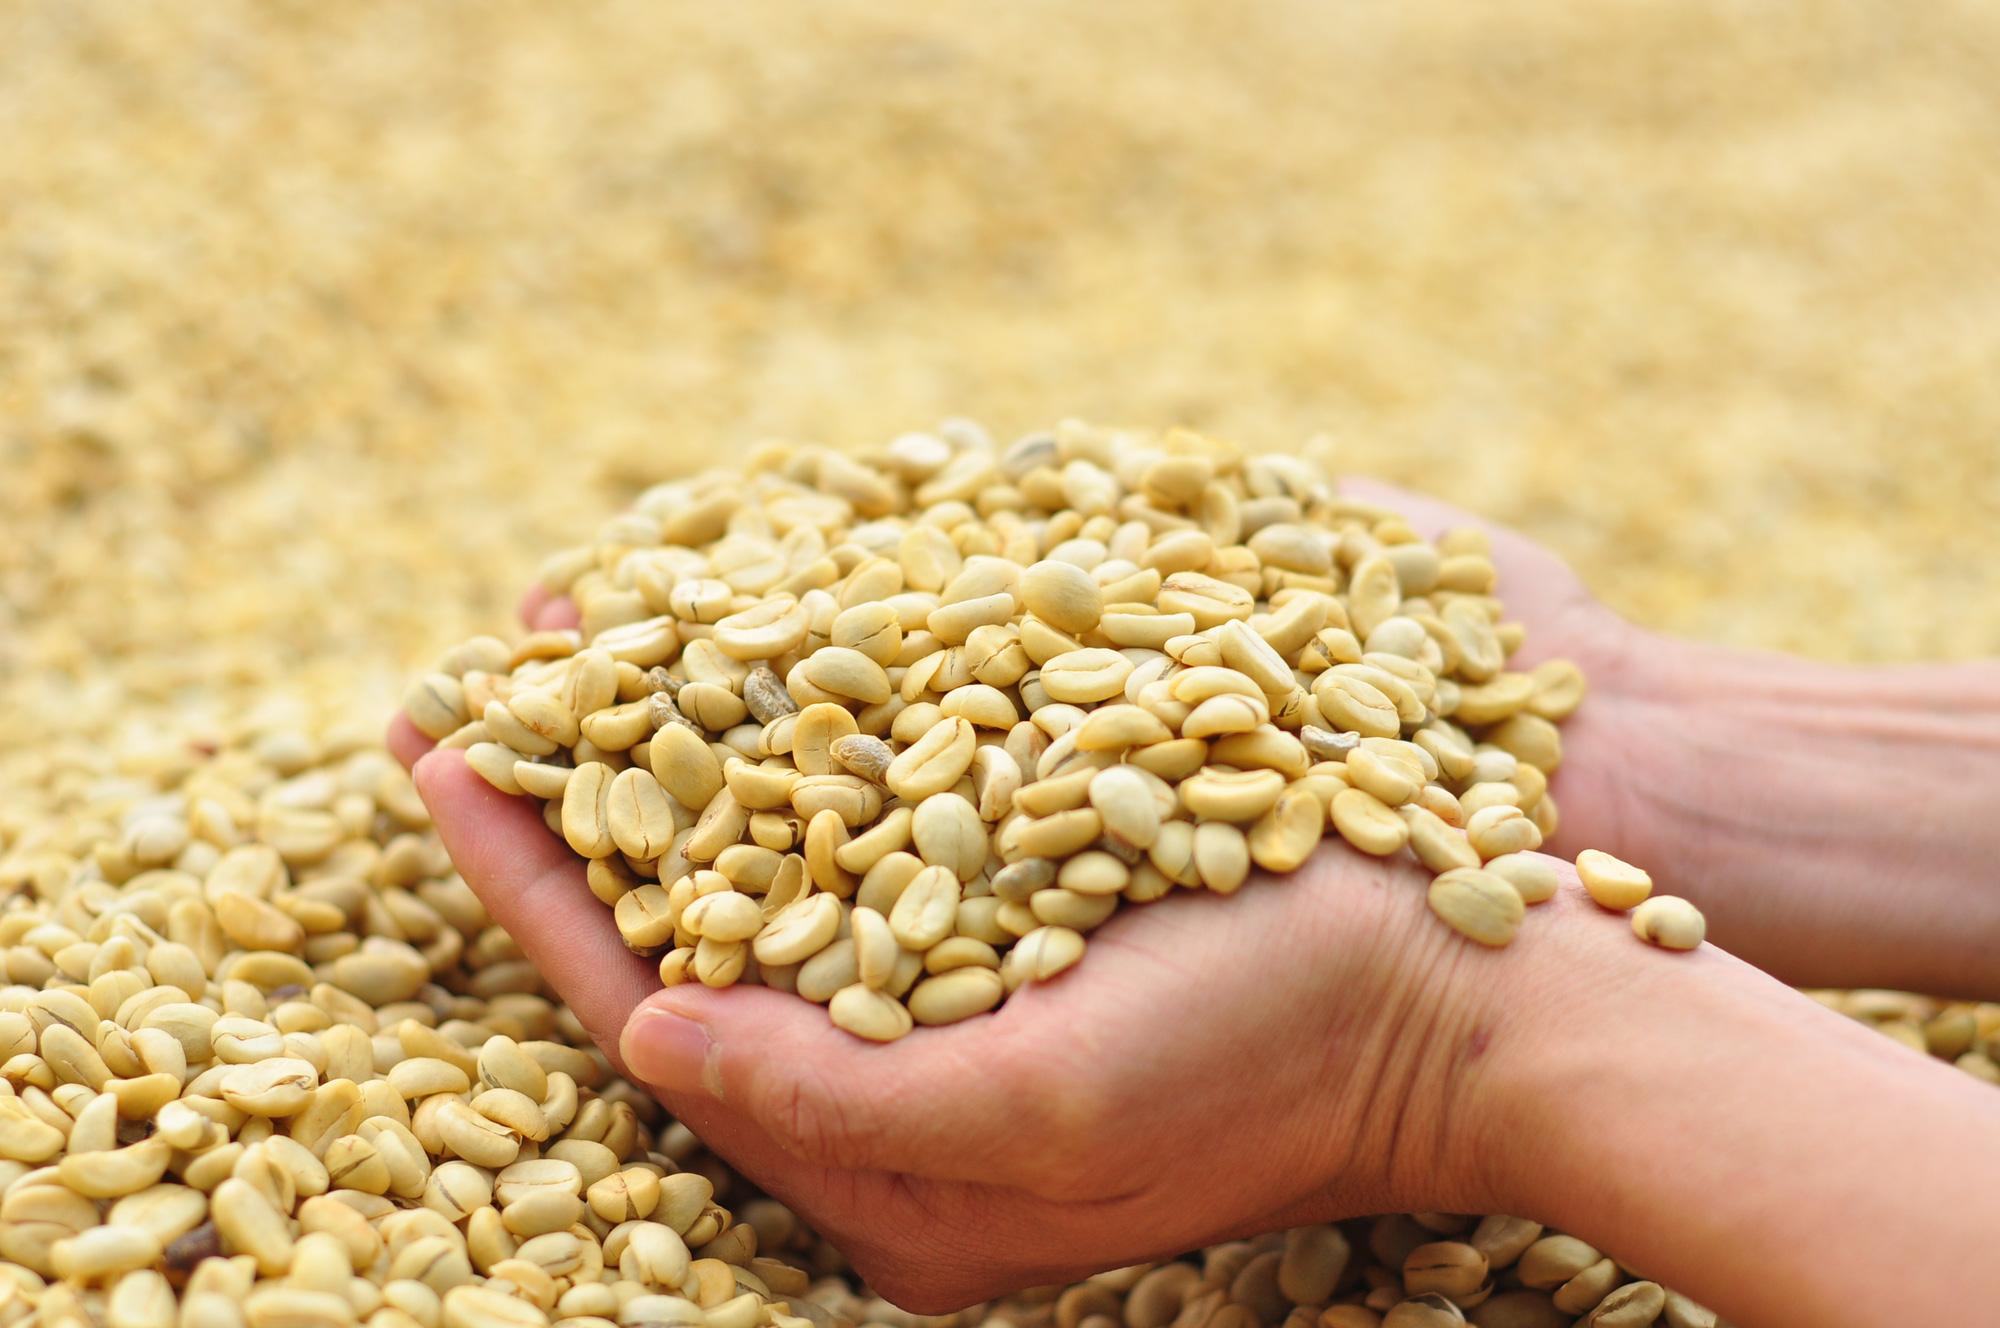 Hơn 15 năm phát triển NNCNC ở Lâm Đồng Bài 3: Nông nghiệp hữu cơ sẽ là hướng đi mới - Ảnh 3.